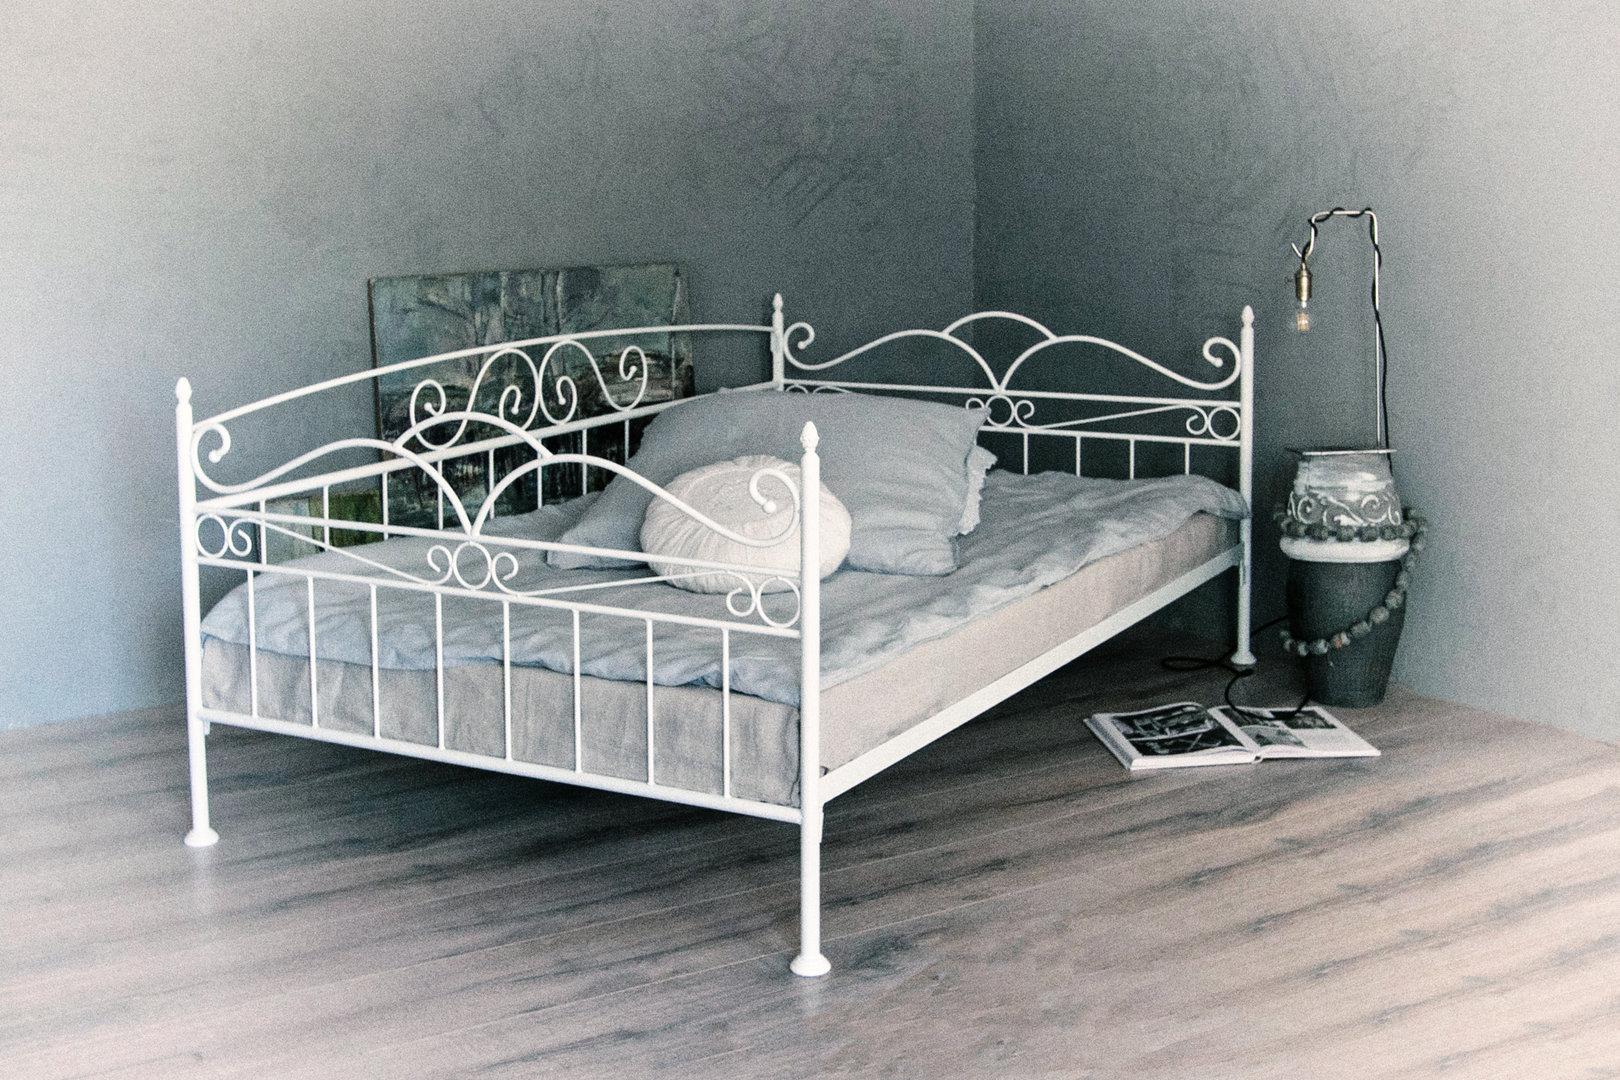 Full Size of Trend Sofa Bett 140x200 In Weiss Ecru Transparent Kupfer 200x200 Komforthöhe 160x200 Mit Stauraum Betten 100x200 Einzelbett Esstisch 80x80 180x200 Bettkasten Bett Bett 140 X 200